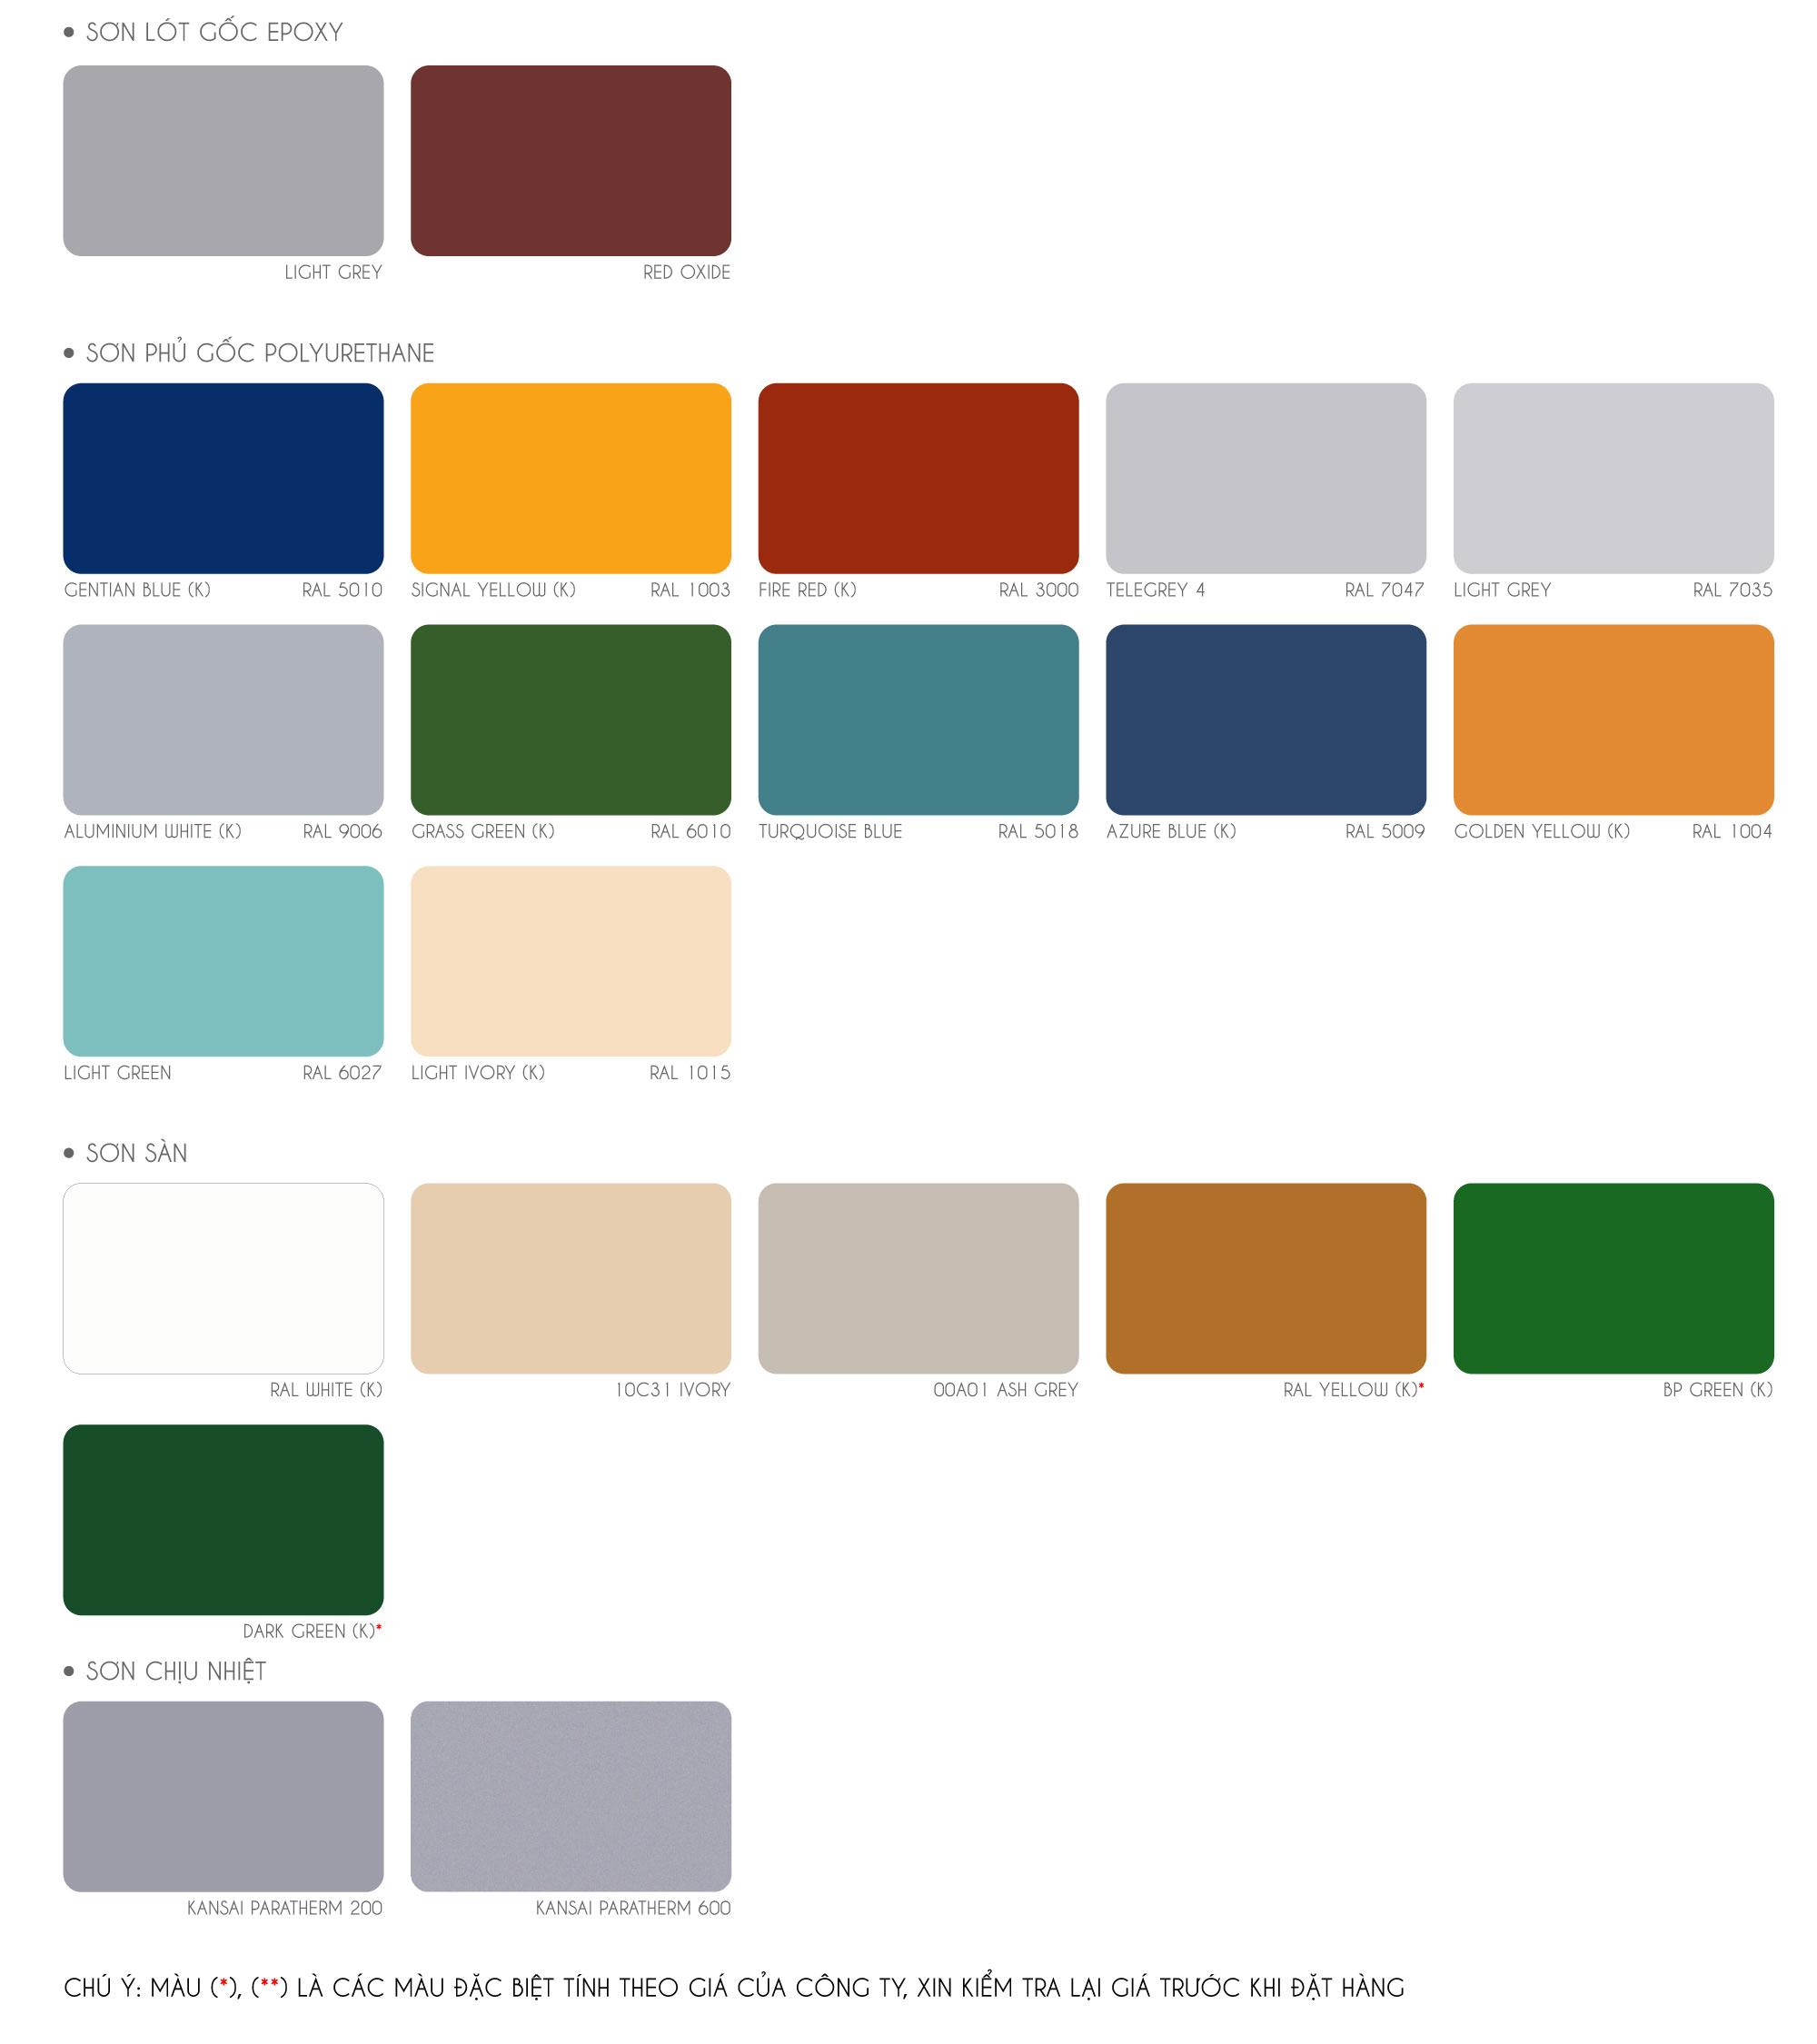 Bảng màu sơn Kansai công nghiệp